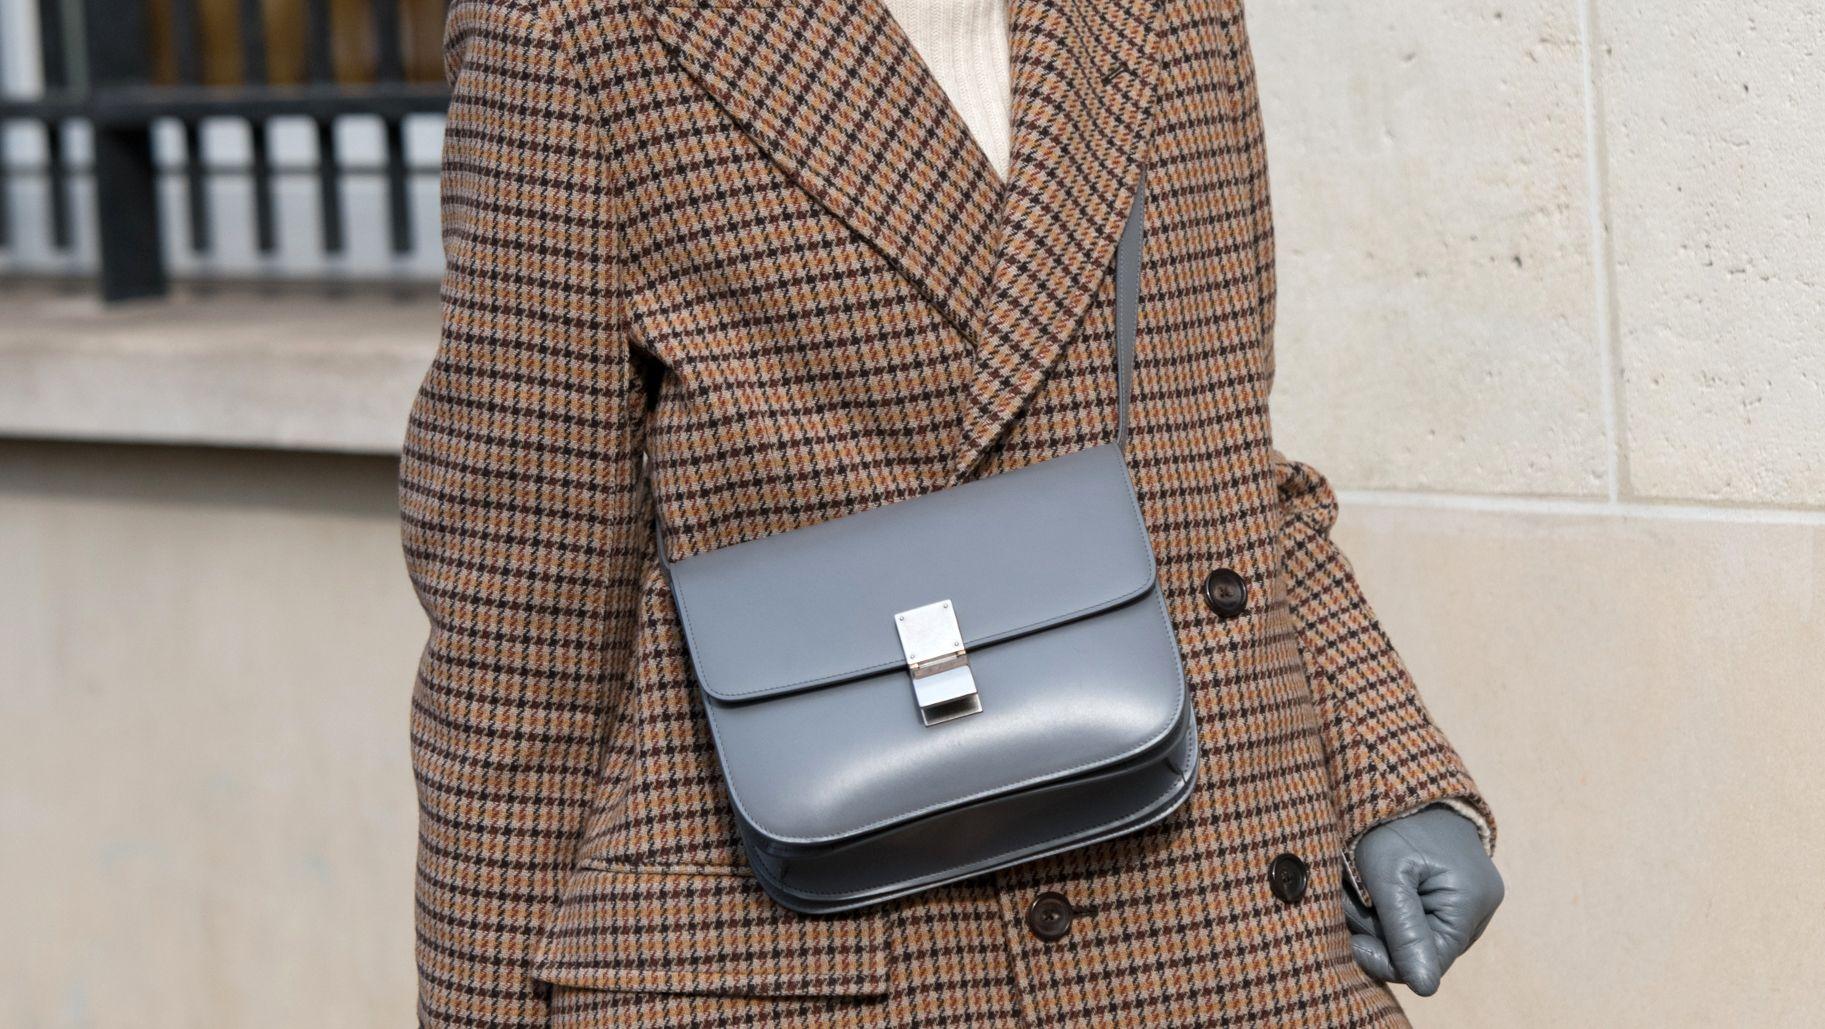 CÉLINE Classic Bag,Celine,包包,價格,穿搭,名牌包